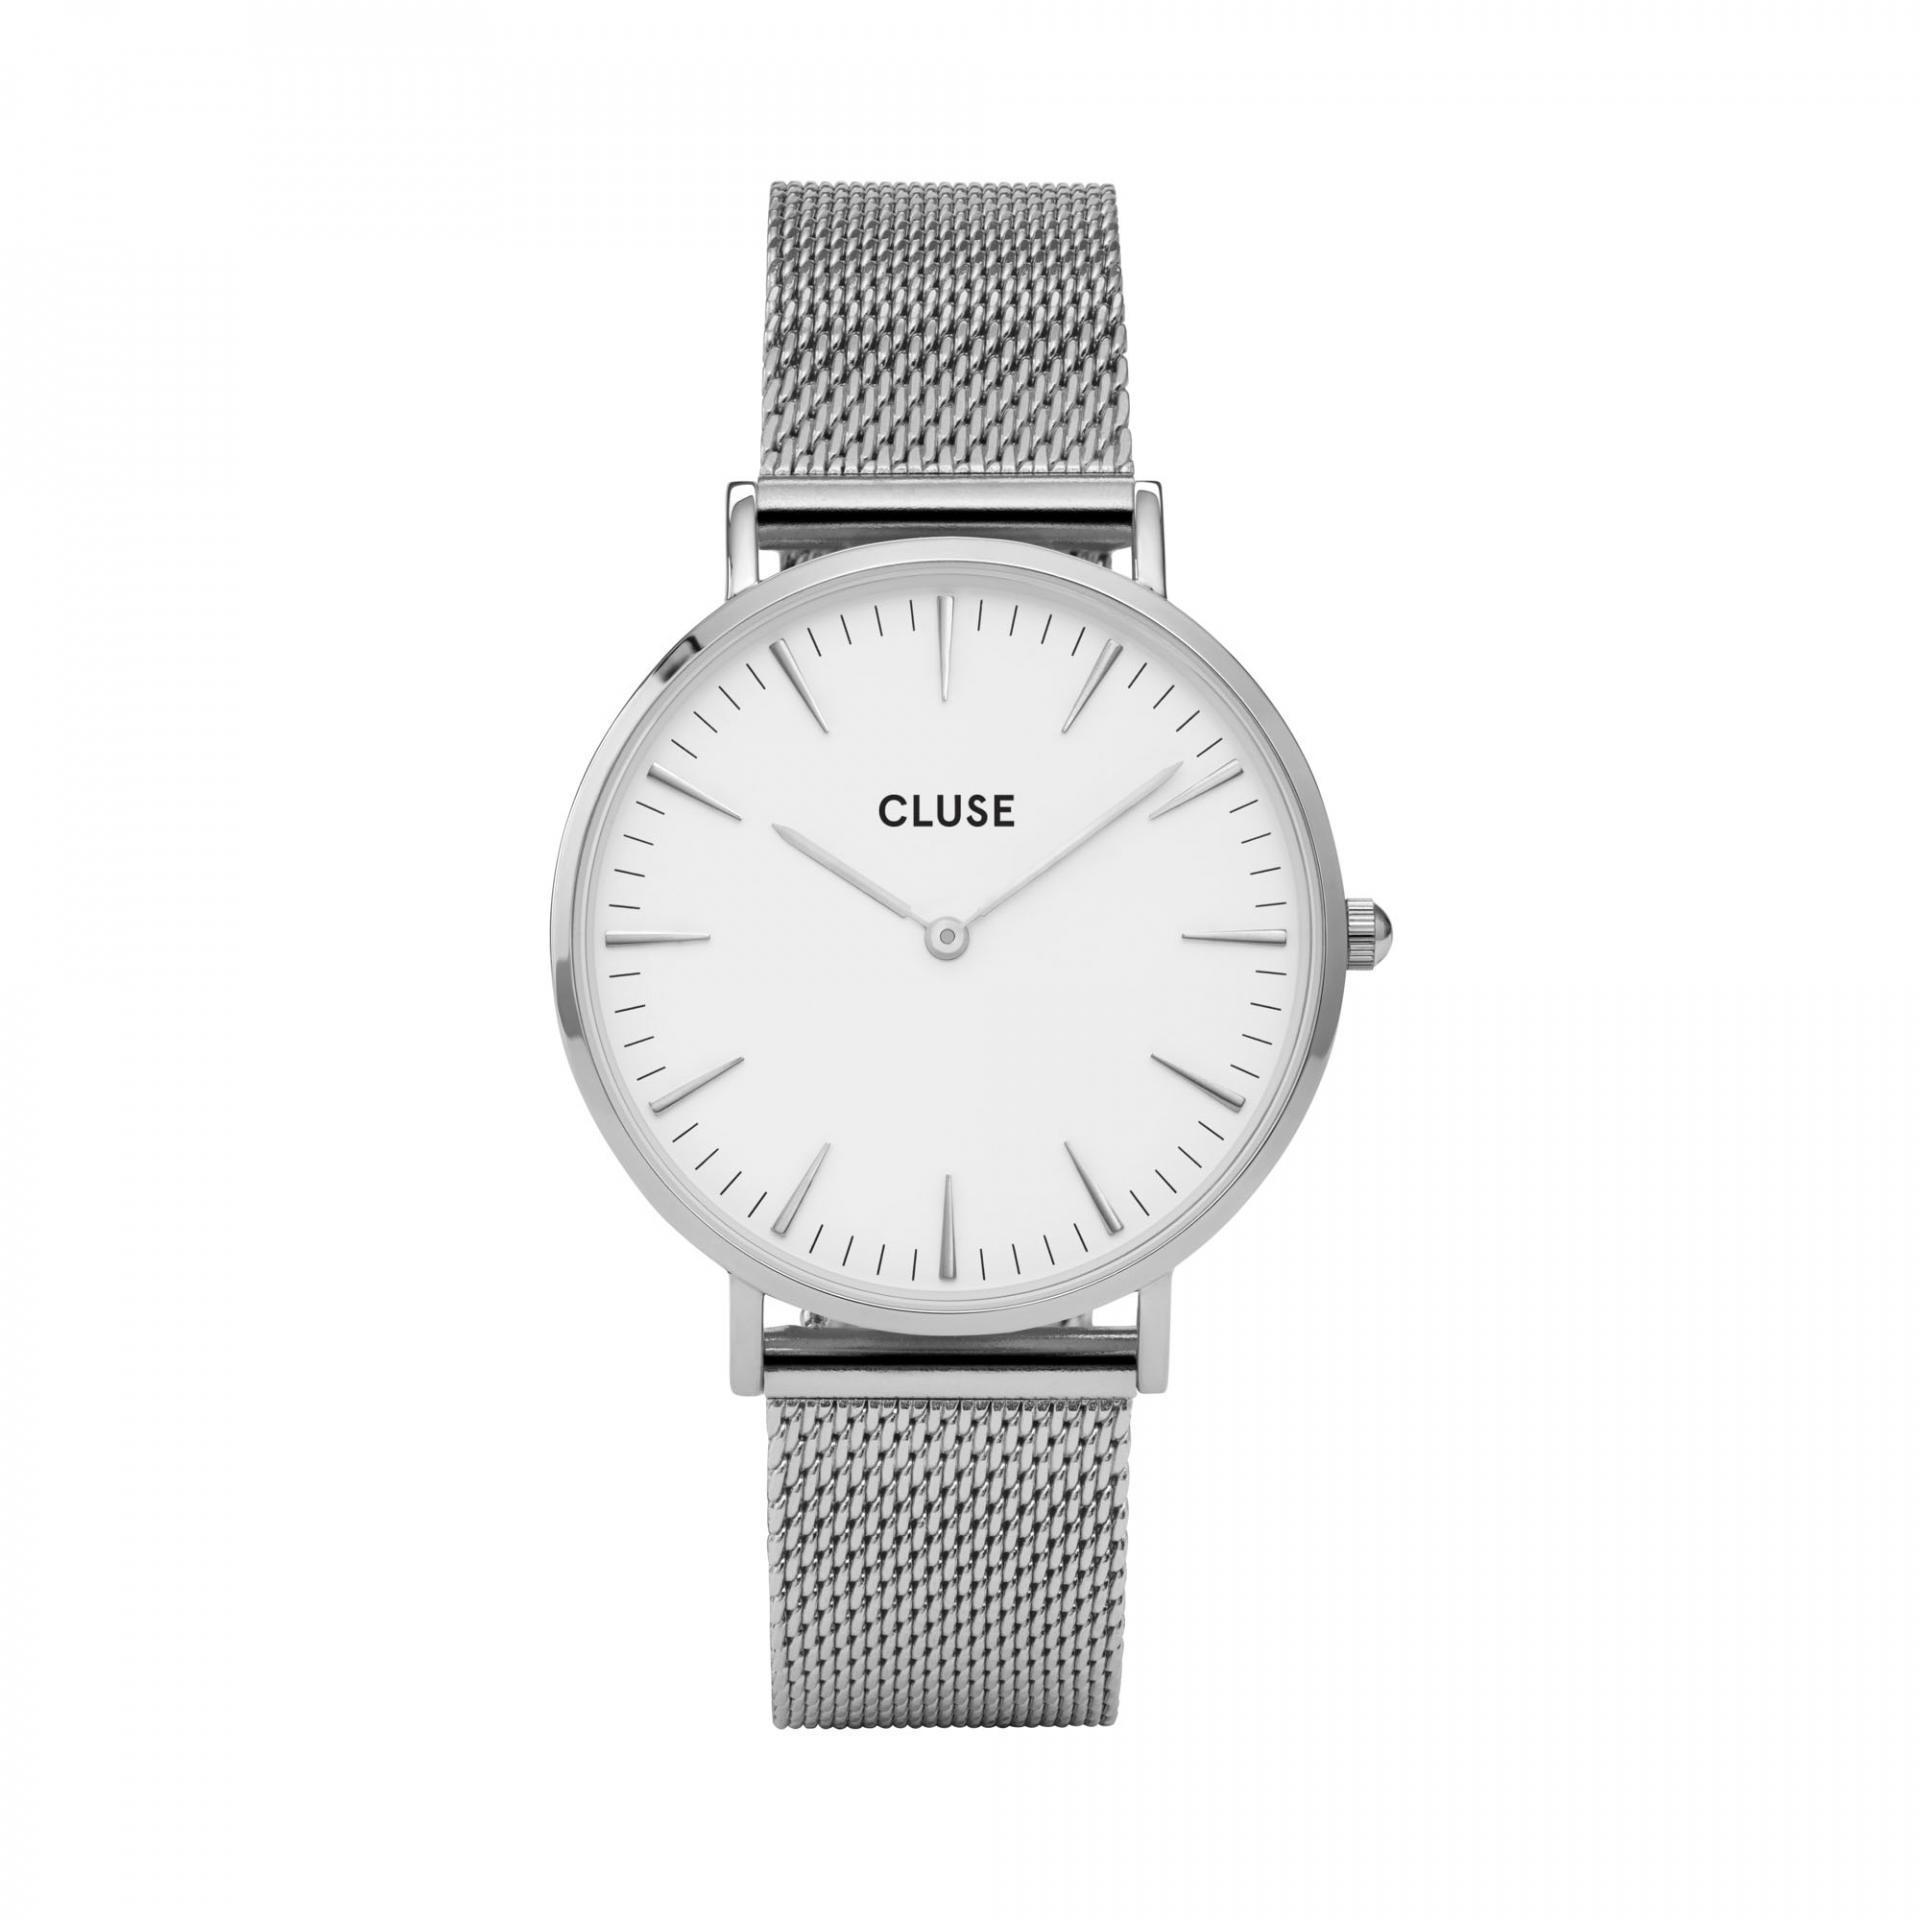 CLUSE Hodinky Cluse La Bohéme Mesh Silver/white, stříbrná barva, sklo, kov